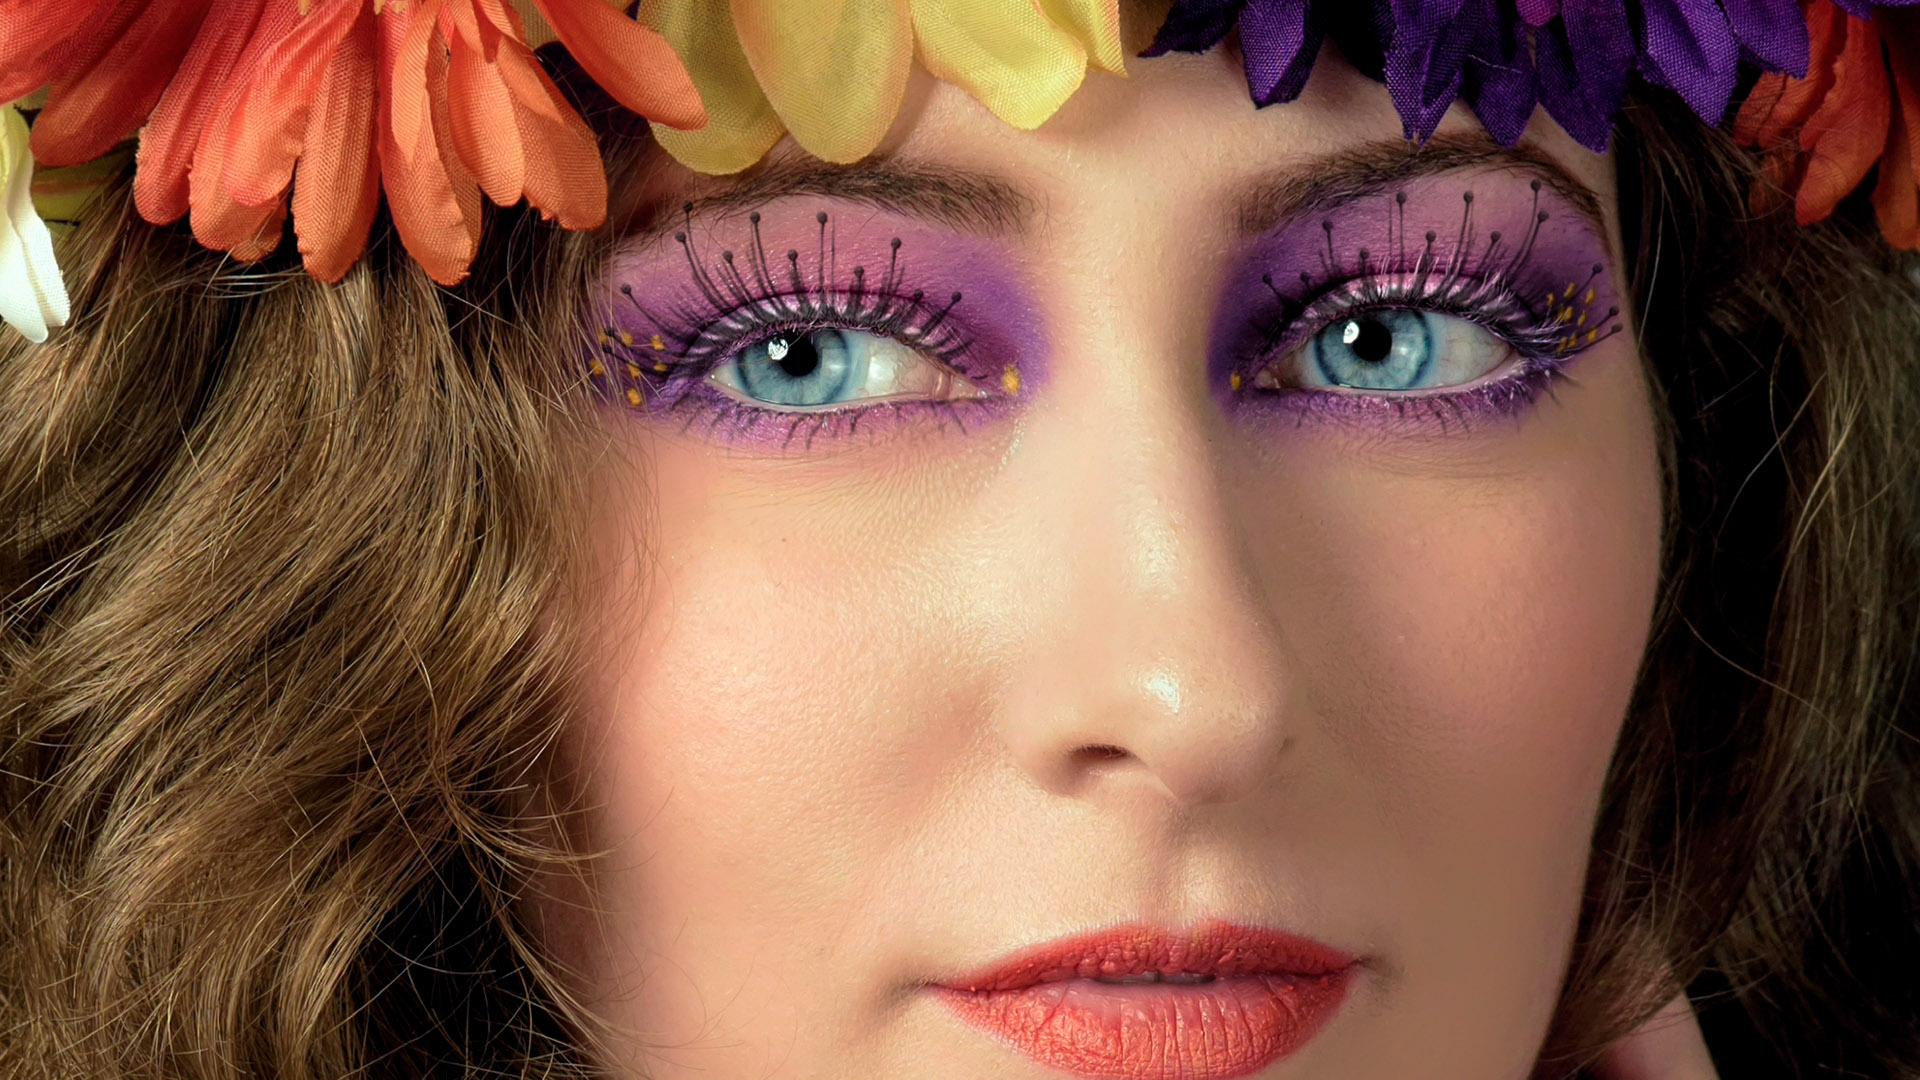 Feature-Adding realistic eyelashes